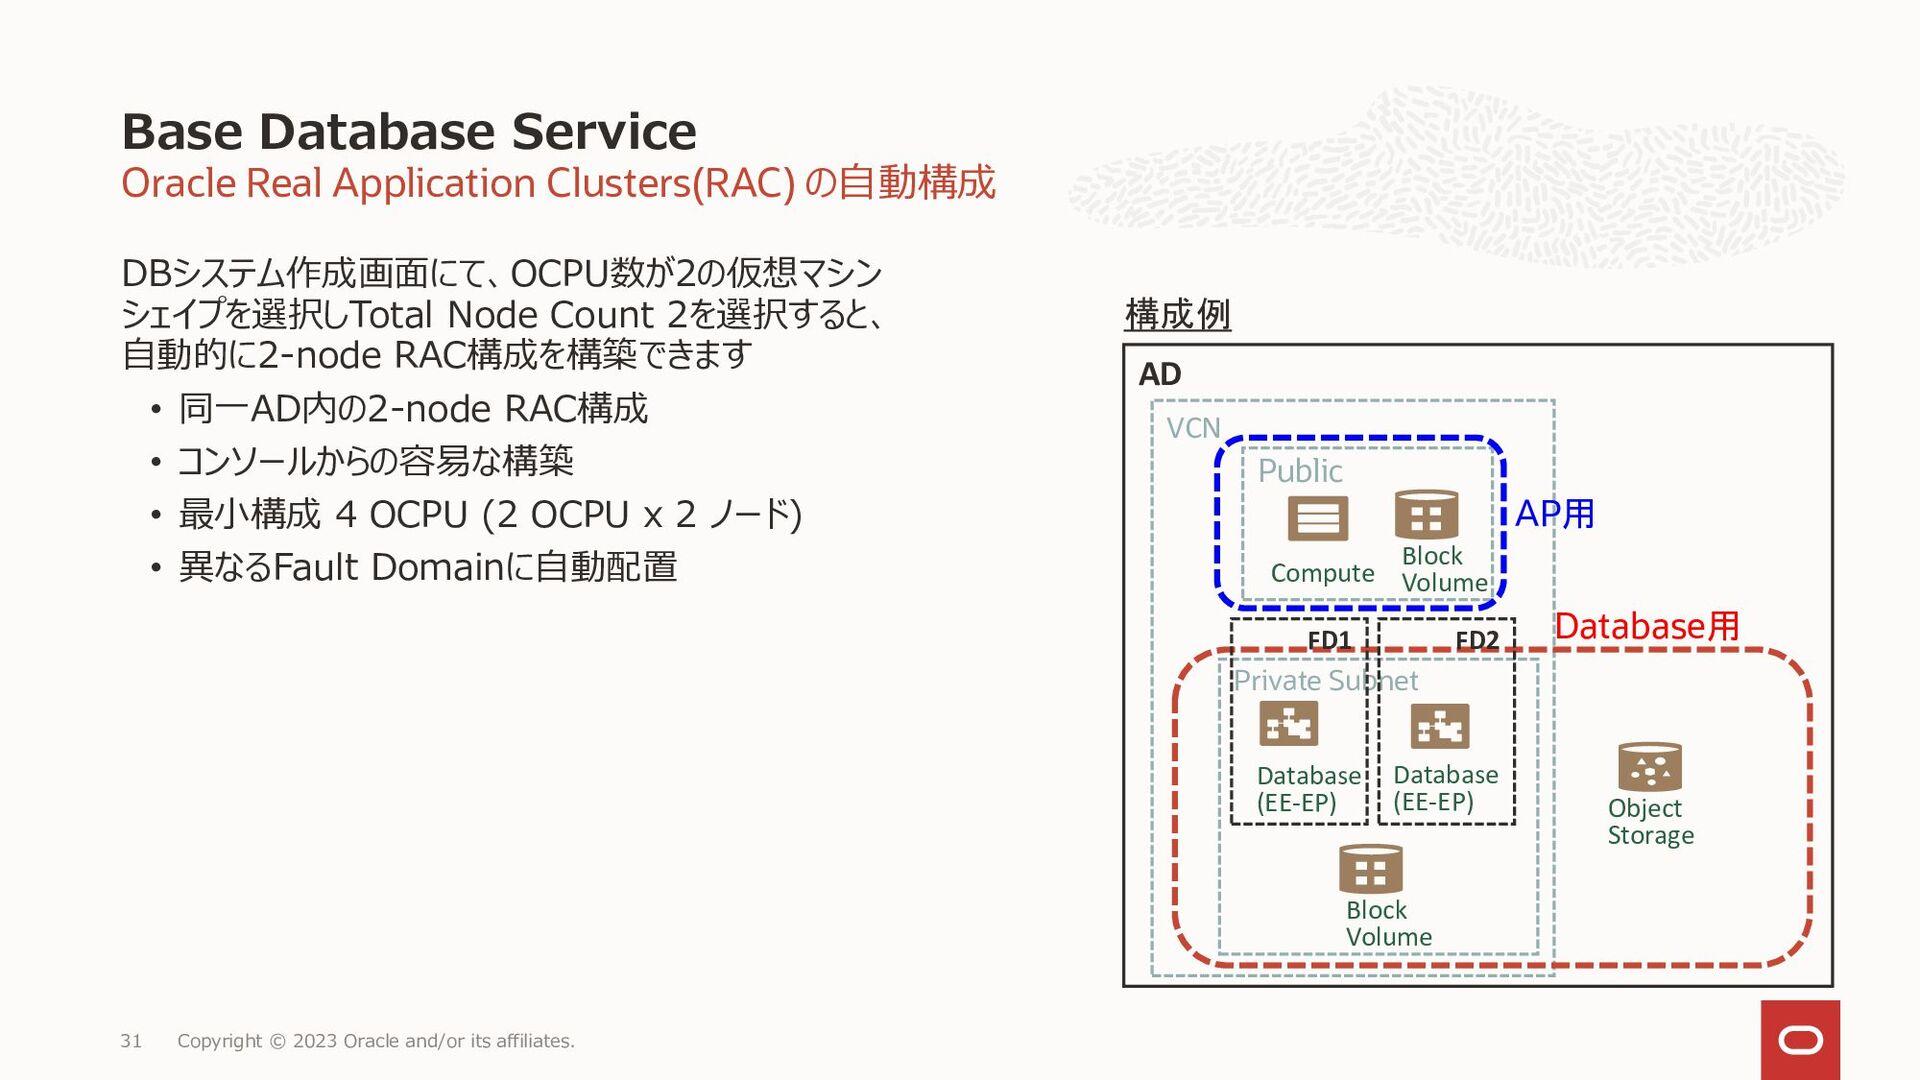 31 DBシステムのEnable Data Guard画面にて、 セカンダリDBシステムのAv...